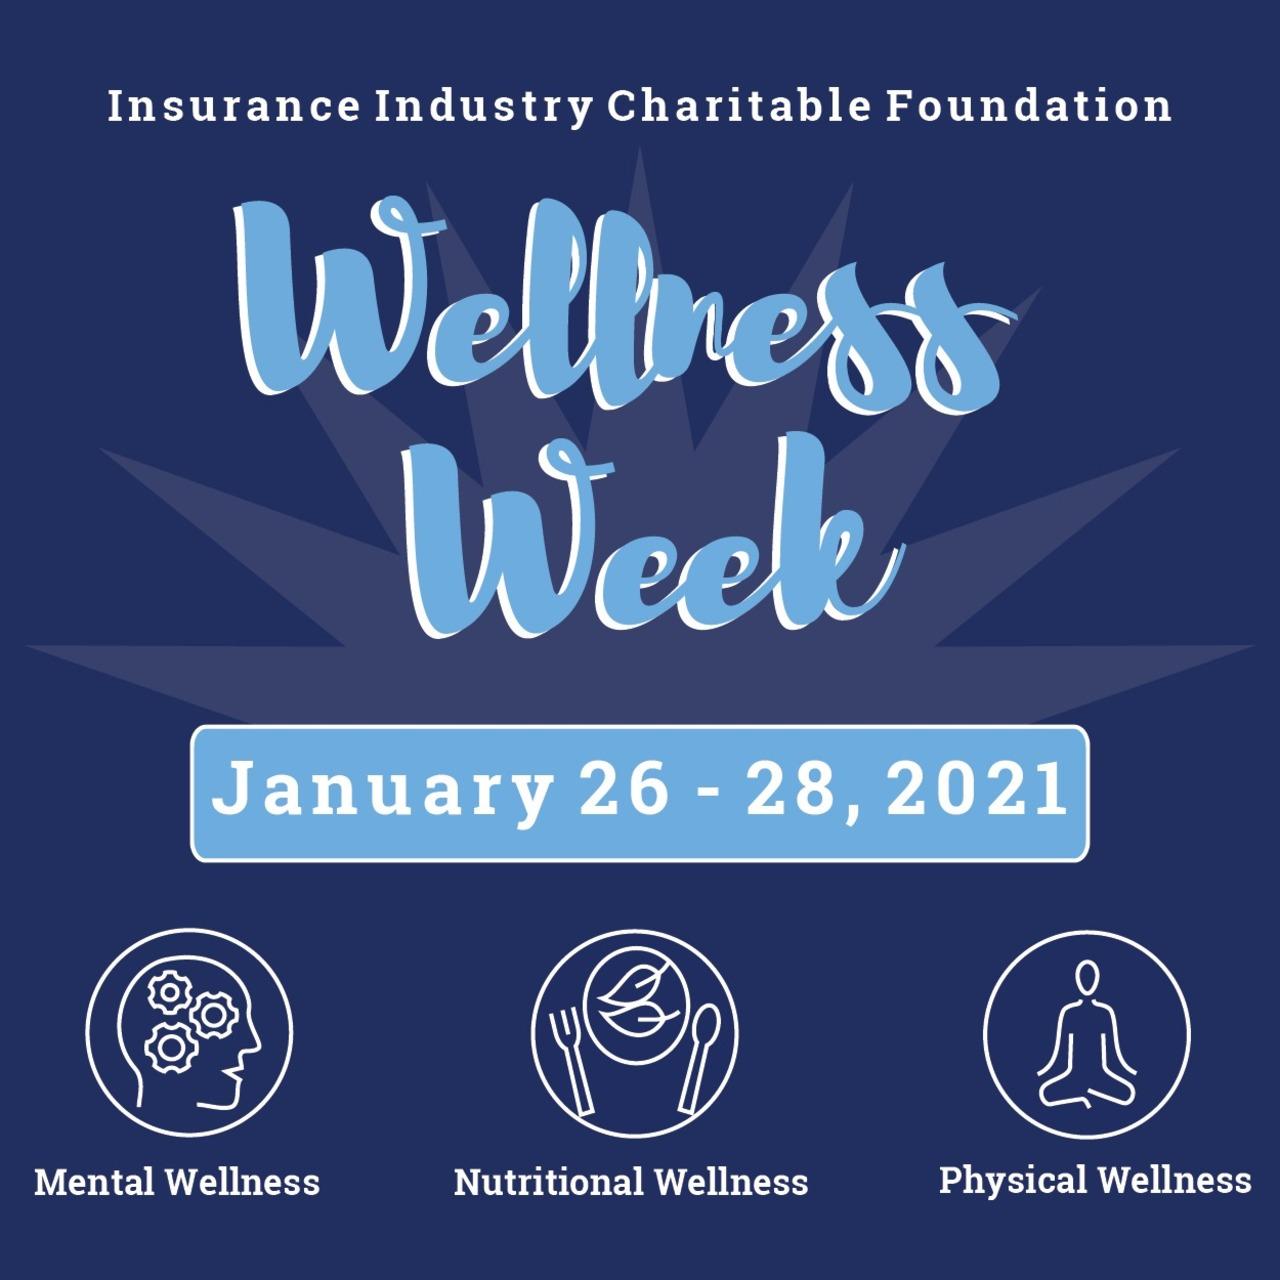 IICF Wellness Week